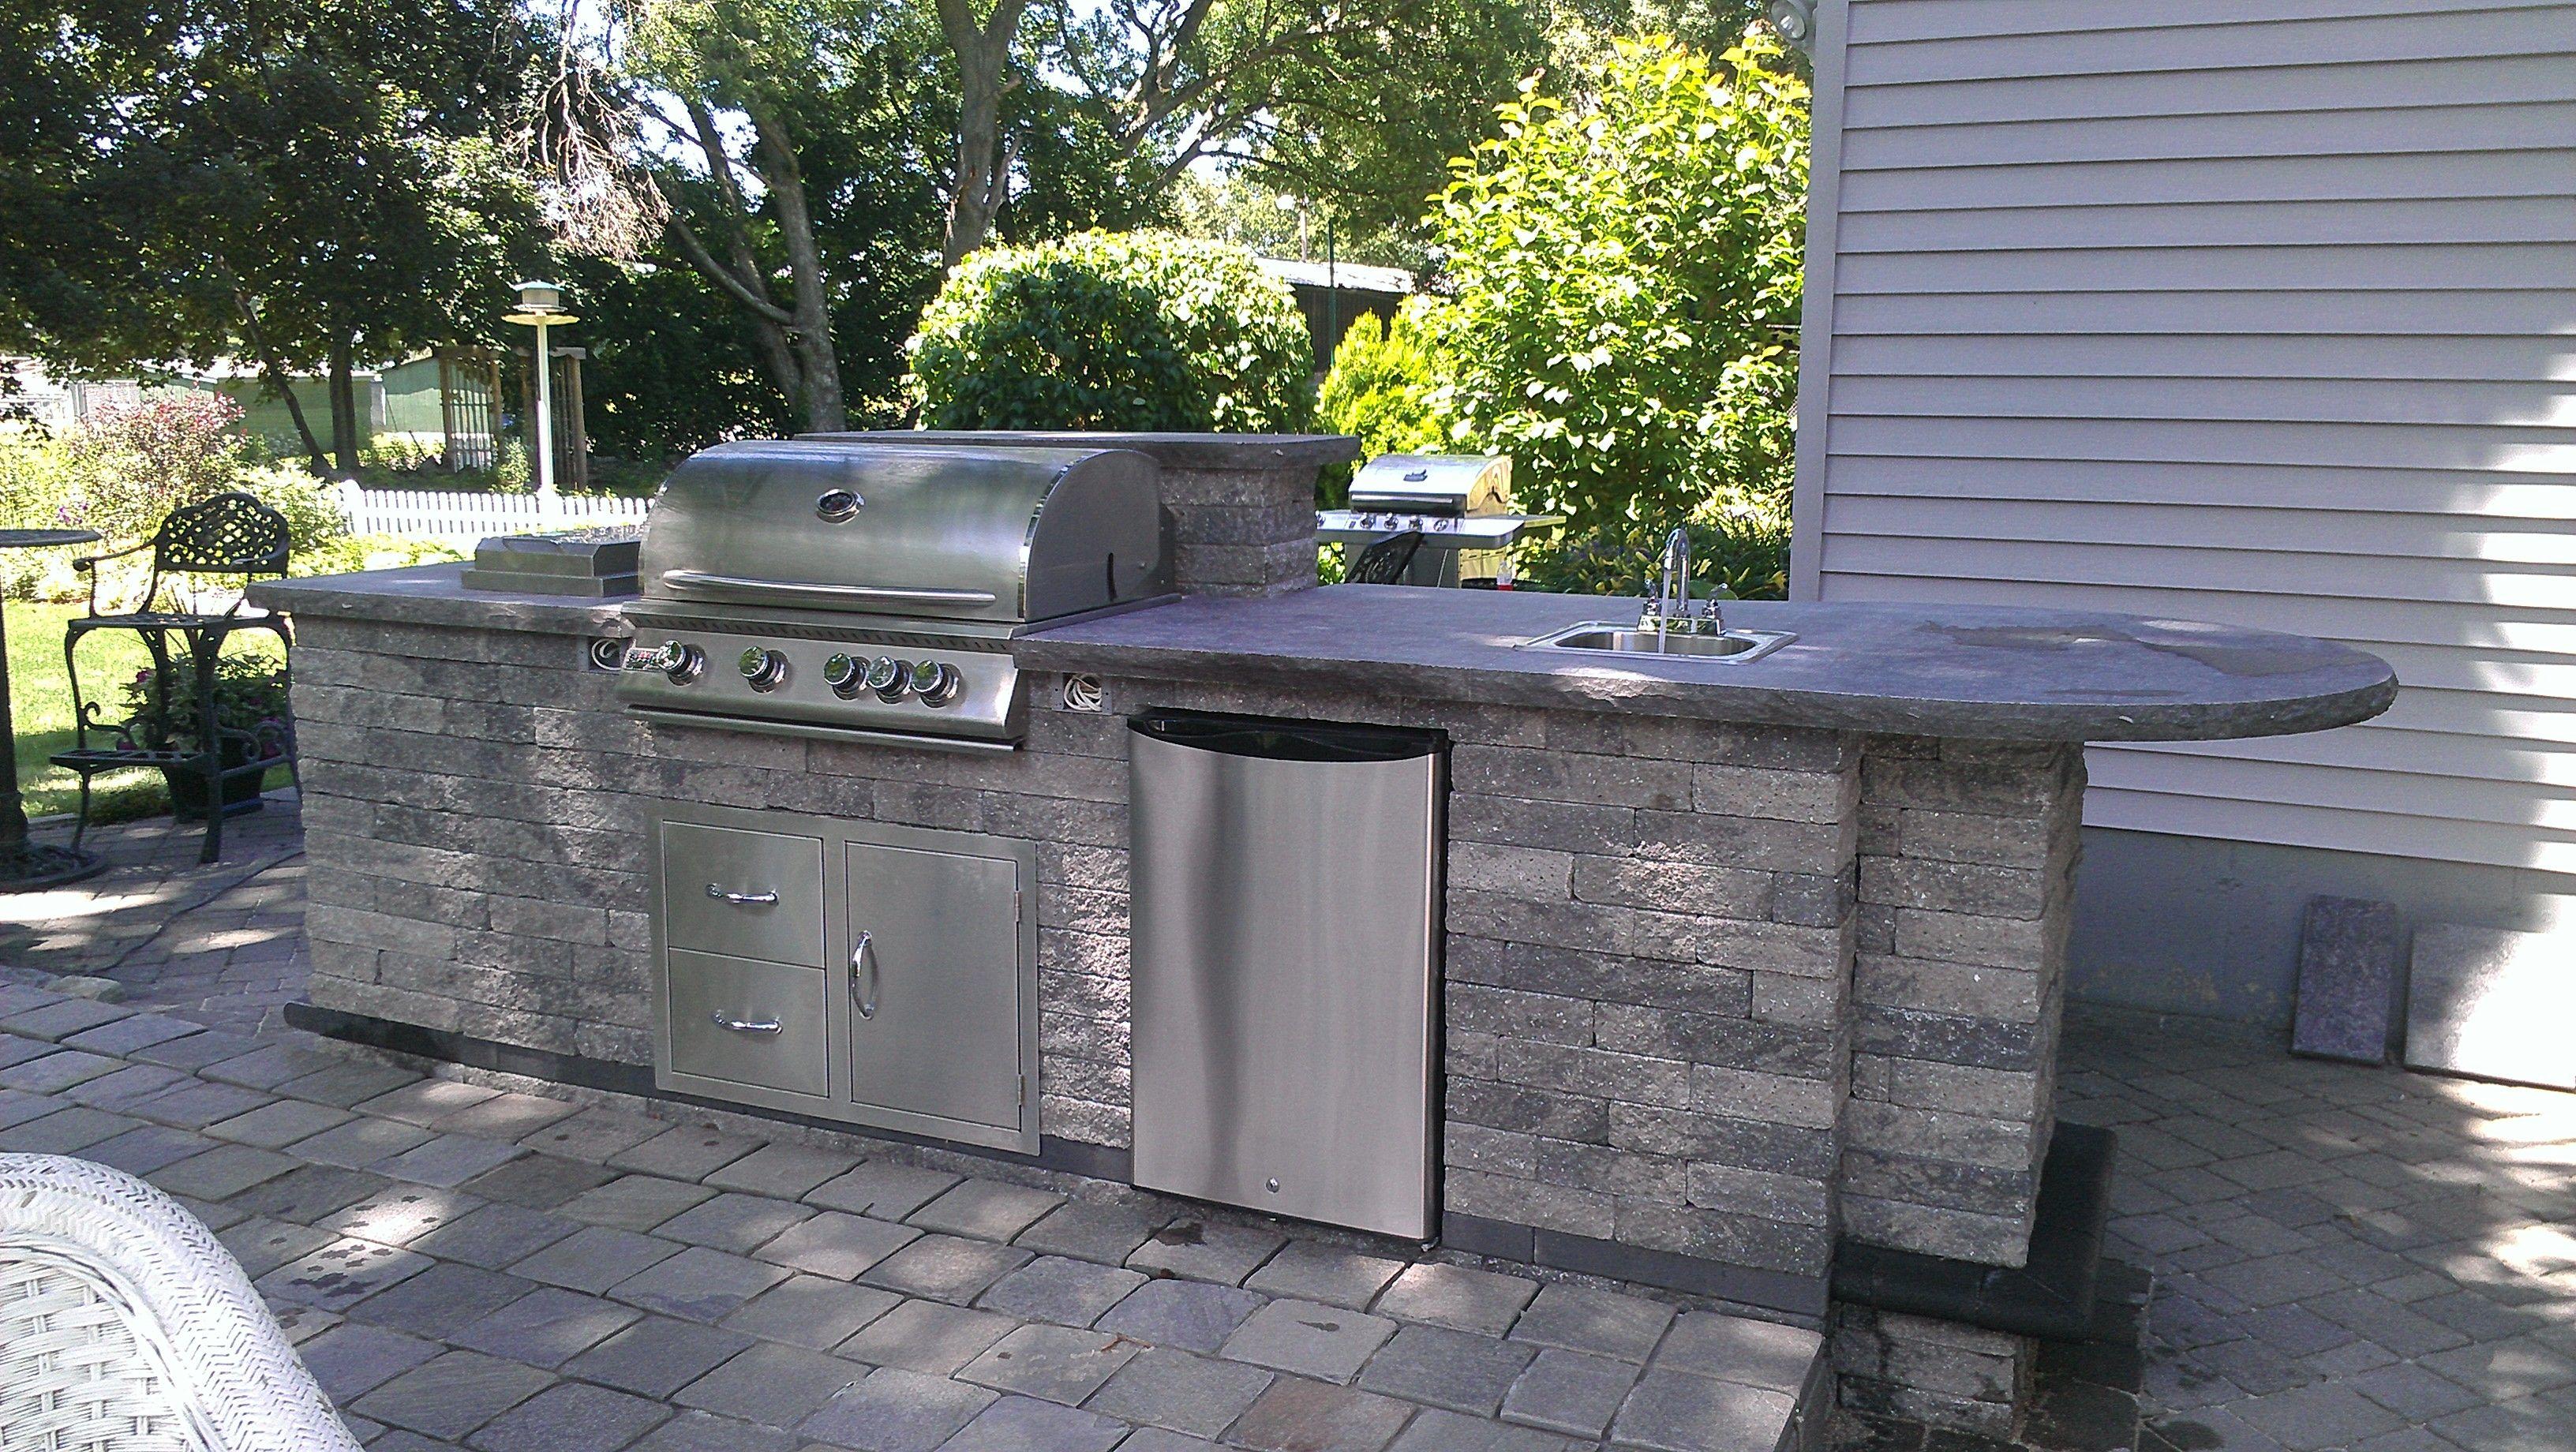 Outdoor Kitchen W Side Burner Sink Refrigerator Grill And Doors Outdoor Kitchen Outdoor Patio Design